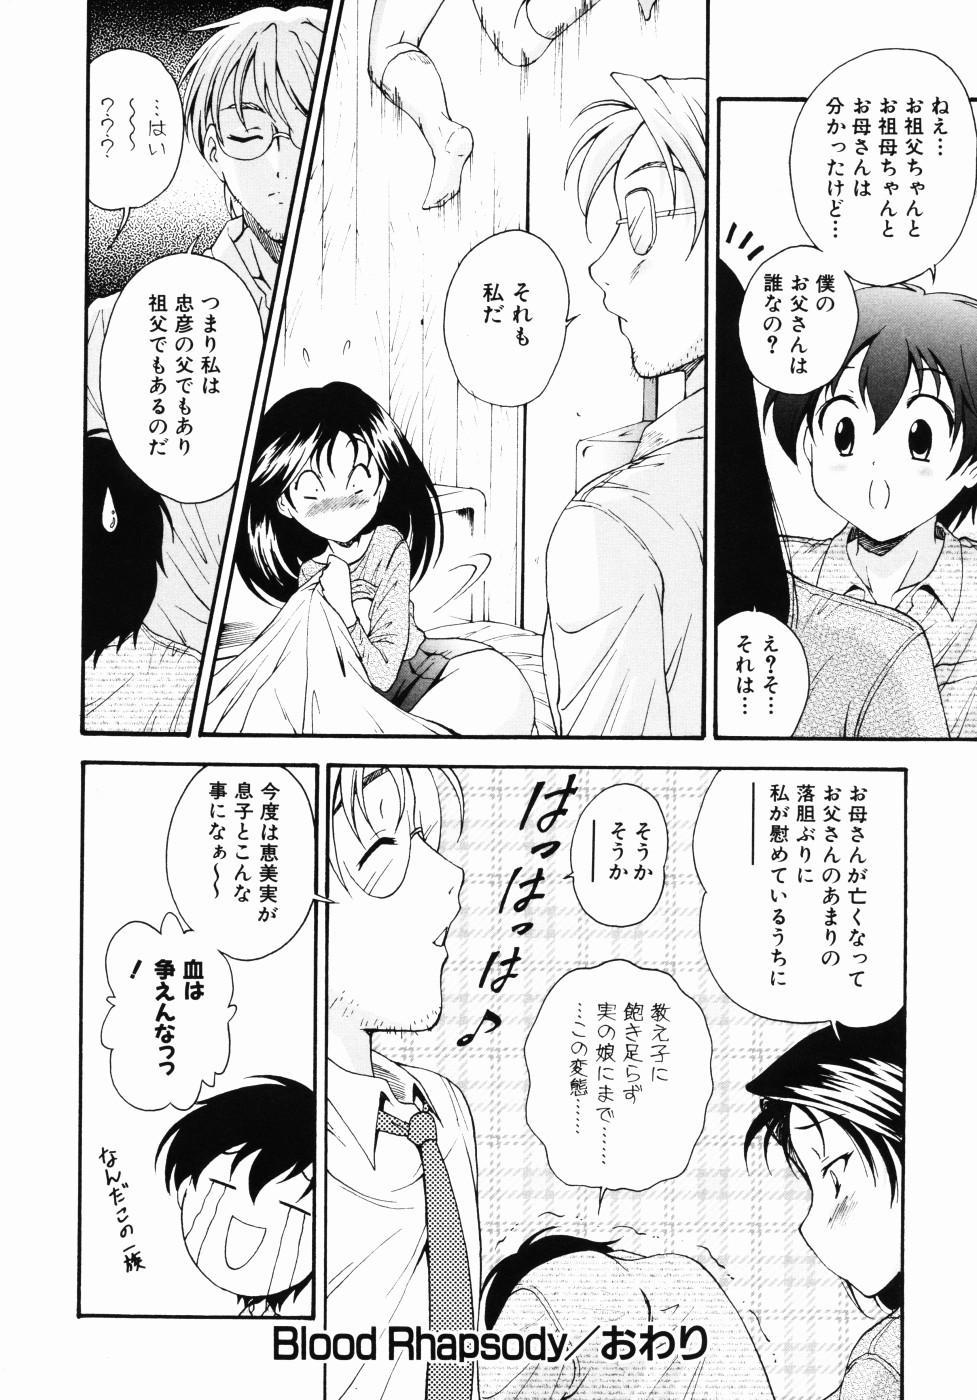 Daikyou Megami 194